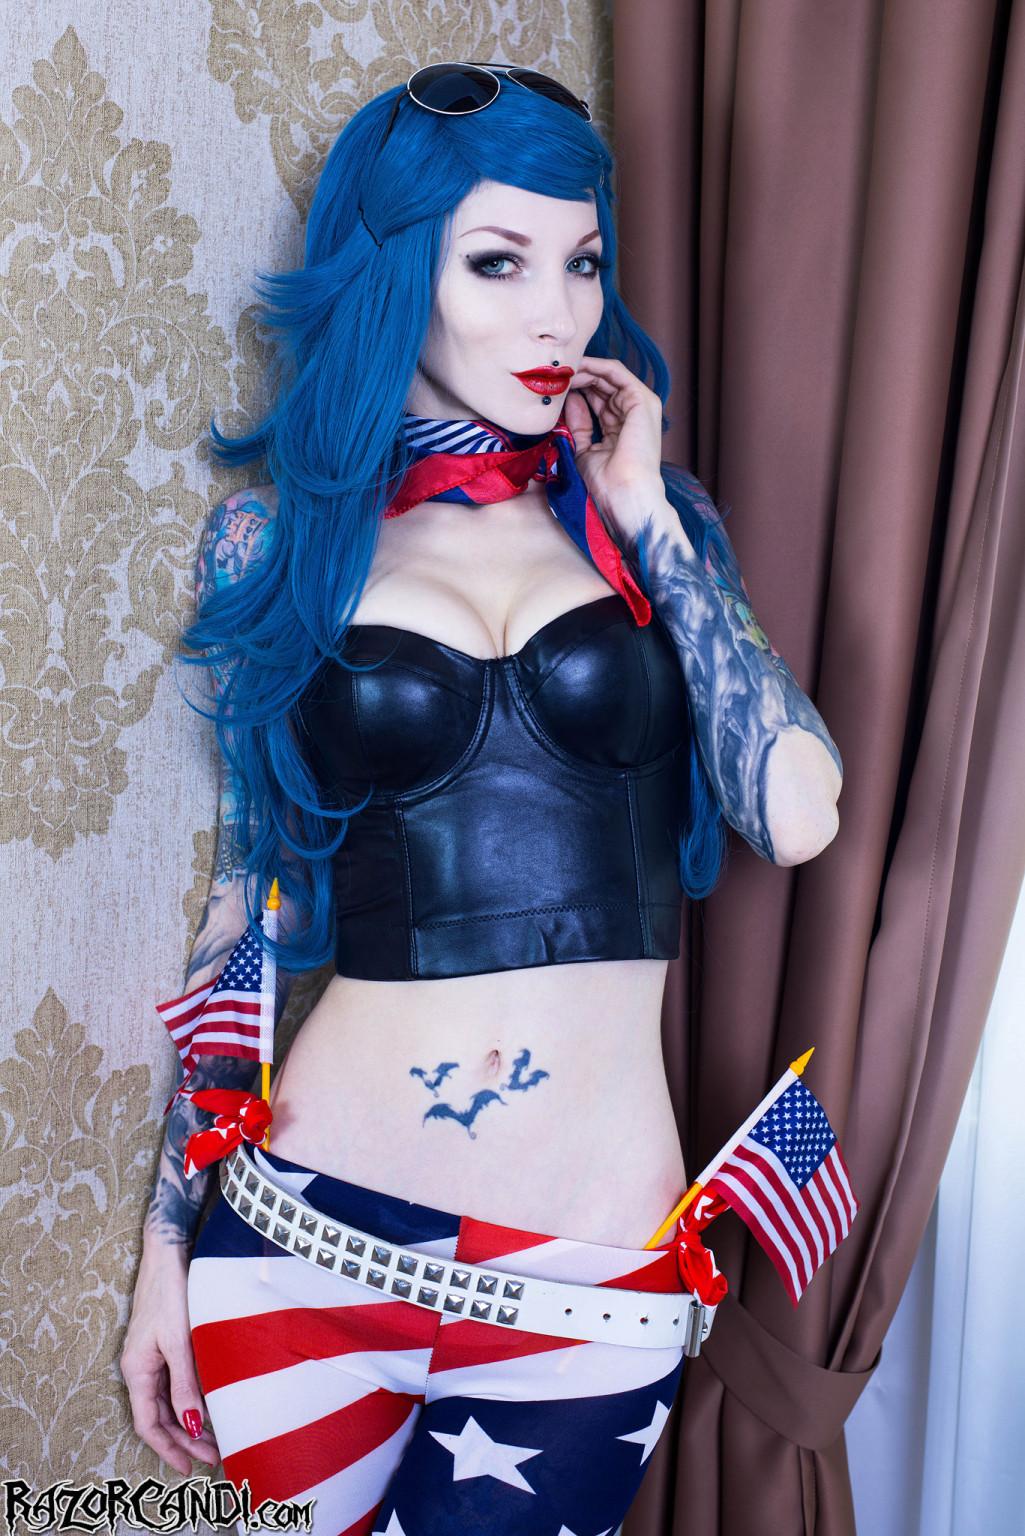 Синеволосая американская патриотка Razor Candi запихнула в пизду секс игрушку